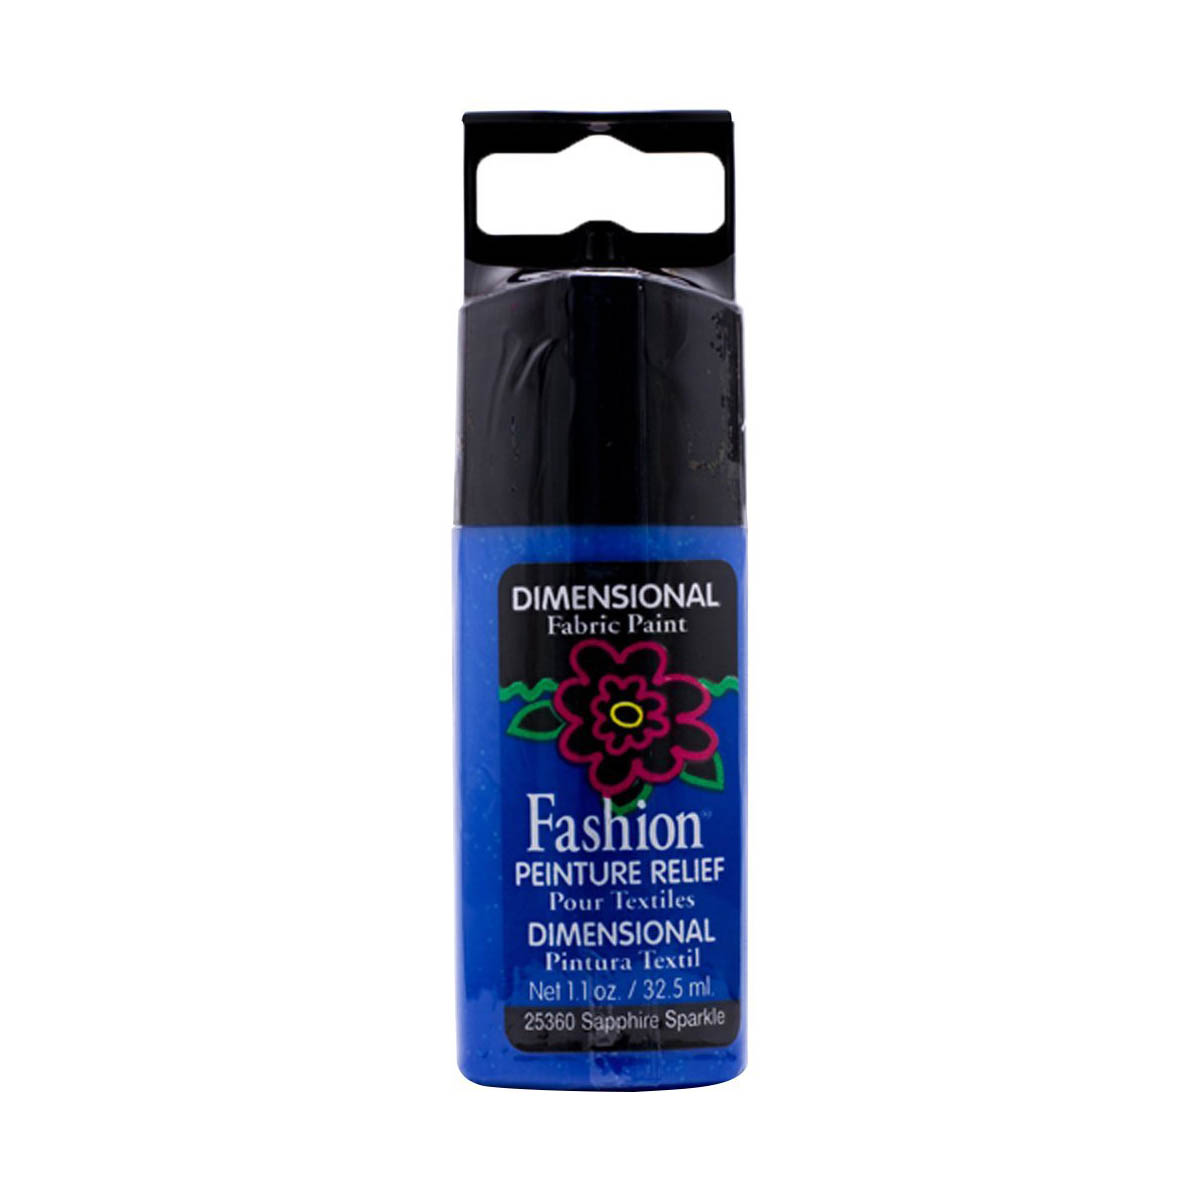 Fashion ® Dimensional Fabric Paint  - Sparkle - Sapphire - 25360